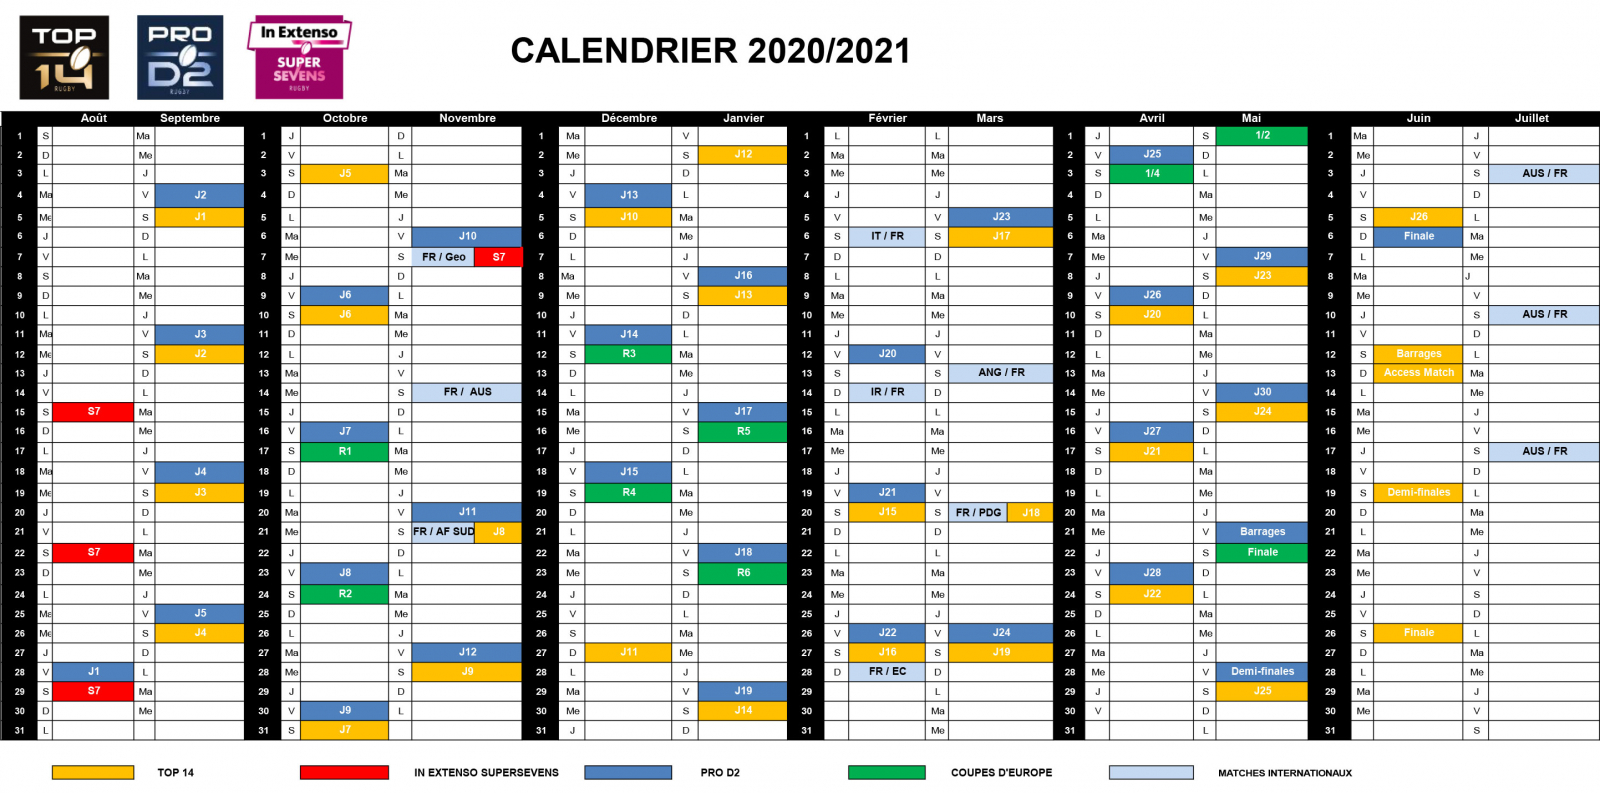 La calendrier de la saison 2020 2021 dévoilé   Toutes les actus